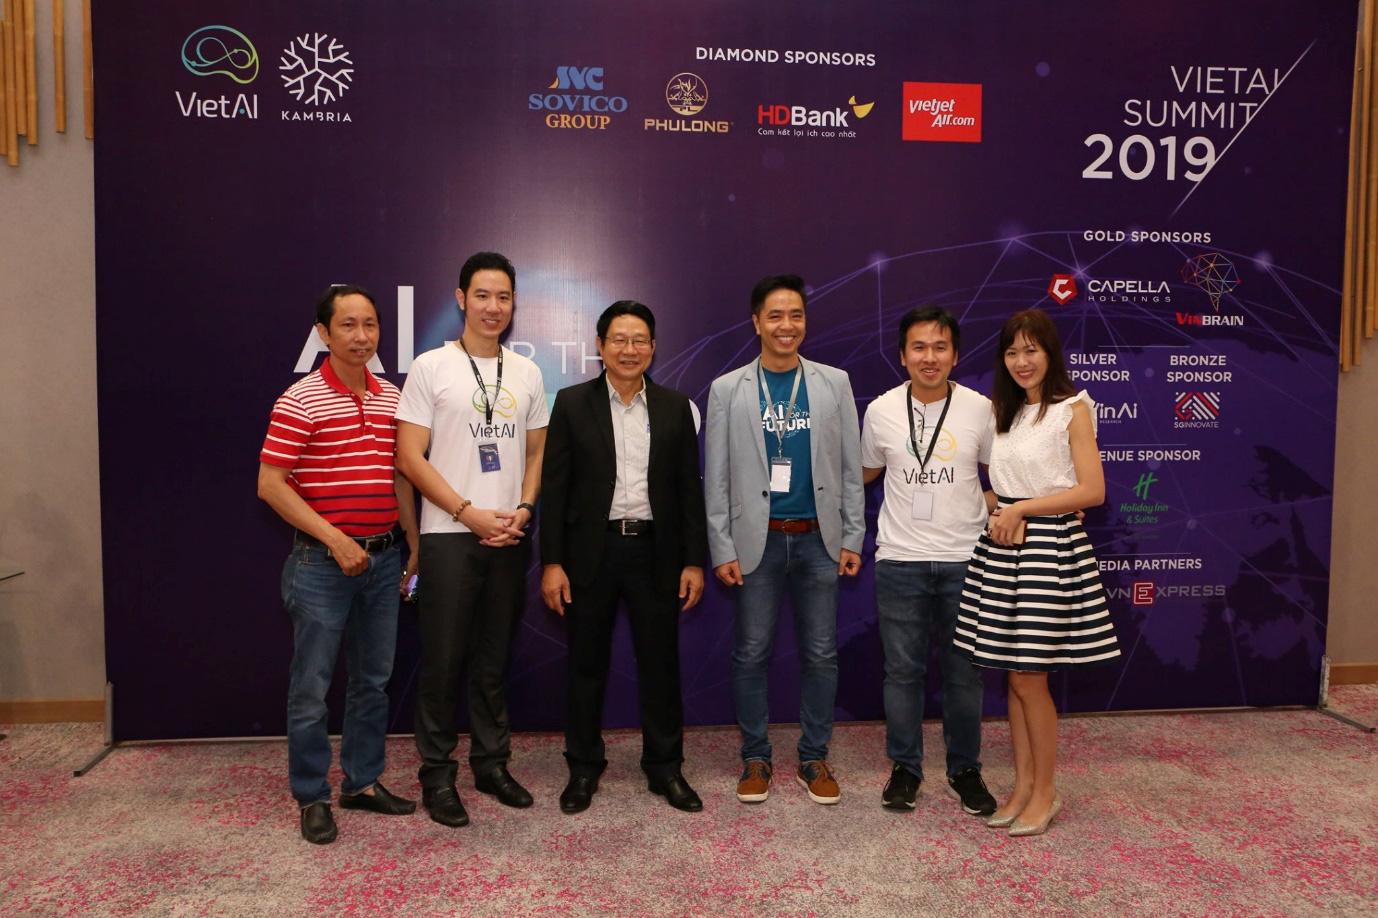 FPT Software hỗ trợ đào tạo nhân lực AI, Machine Learning tại Việt Nam - Ảnh 1.